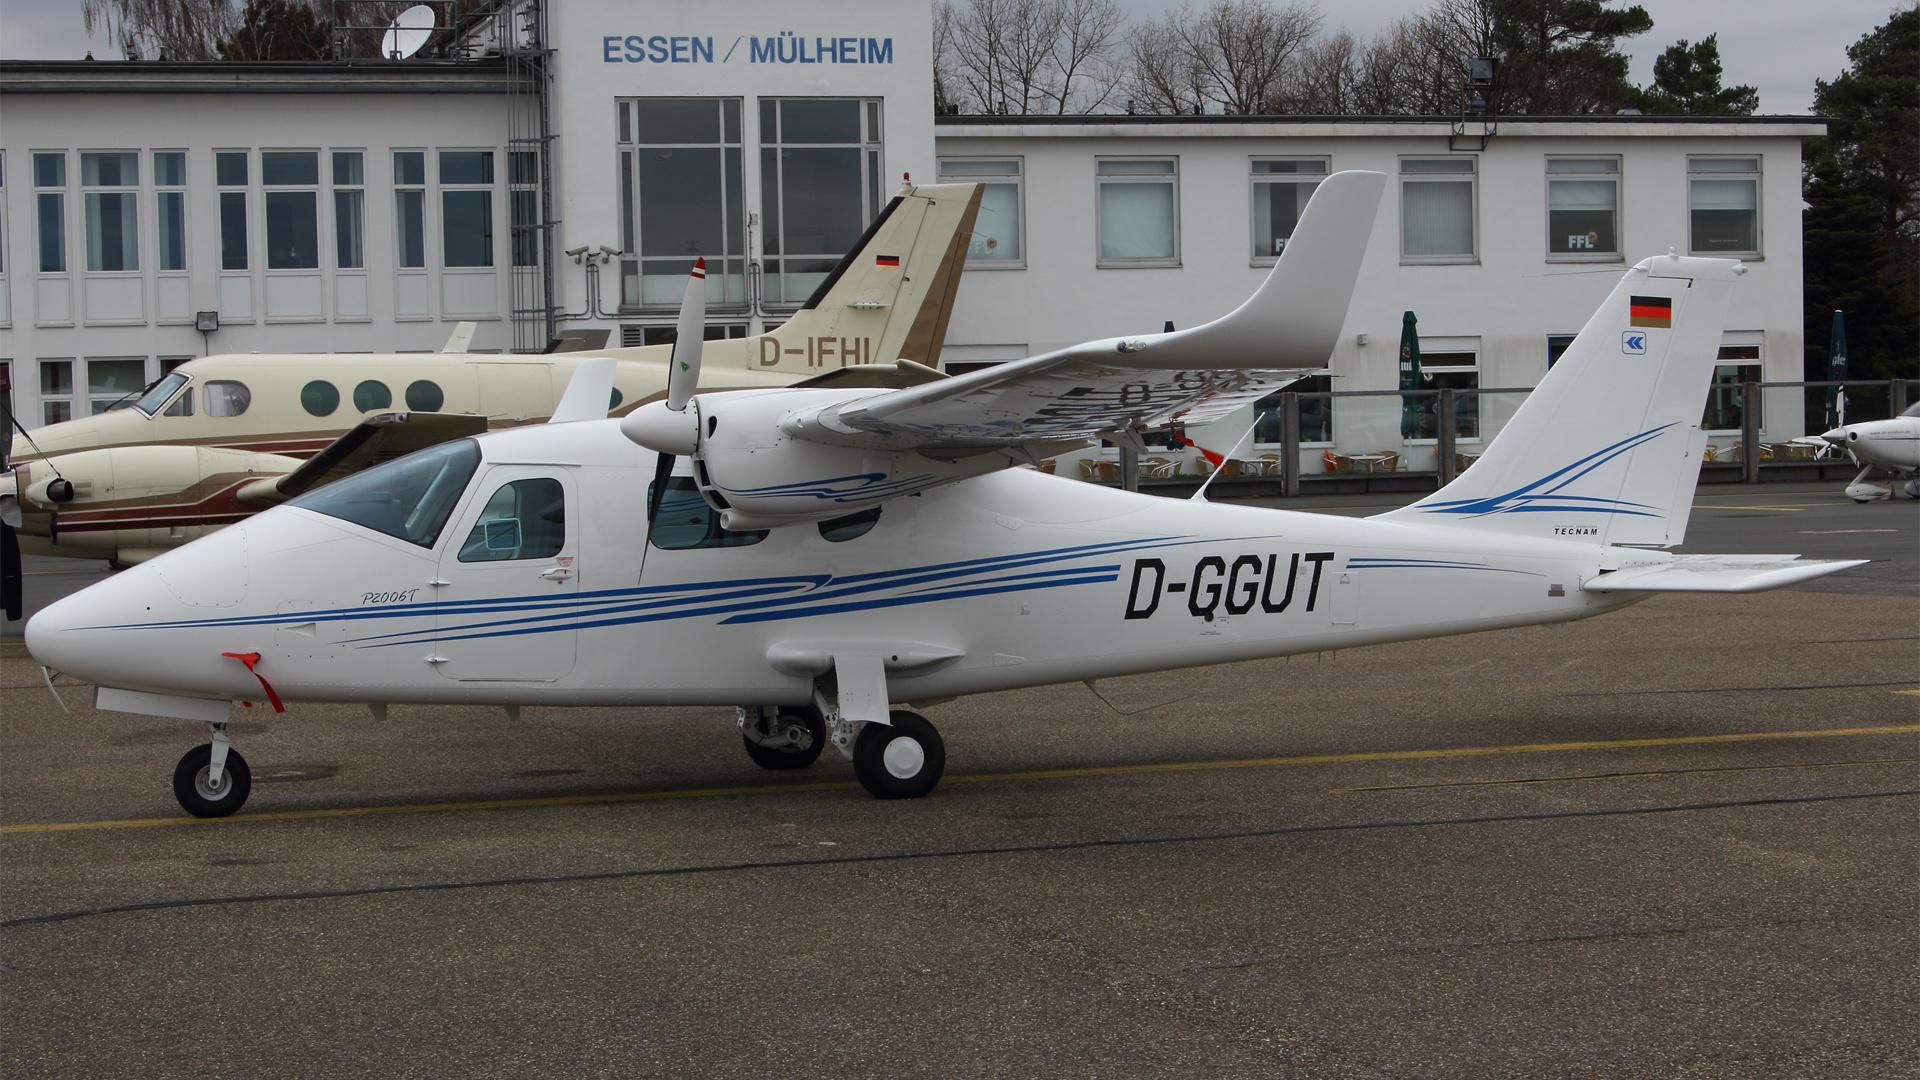 D-GGUT-1 P2006T ESS 201304